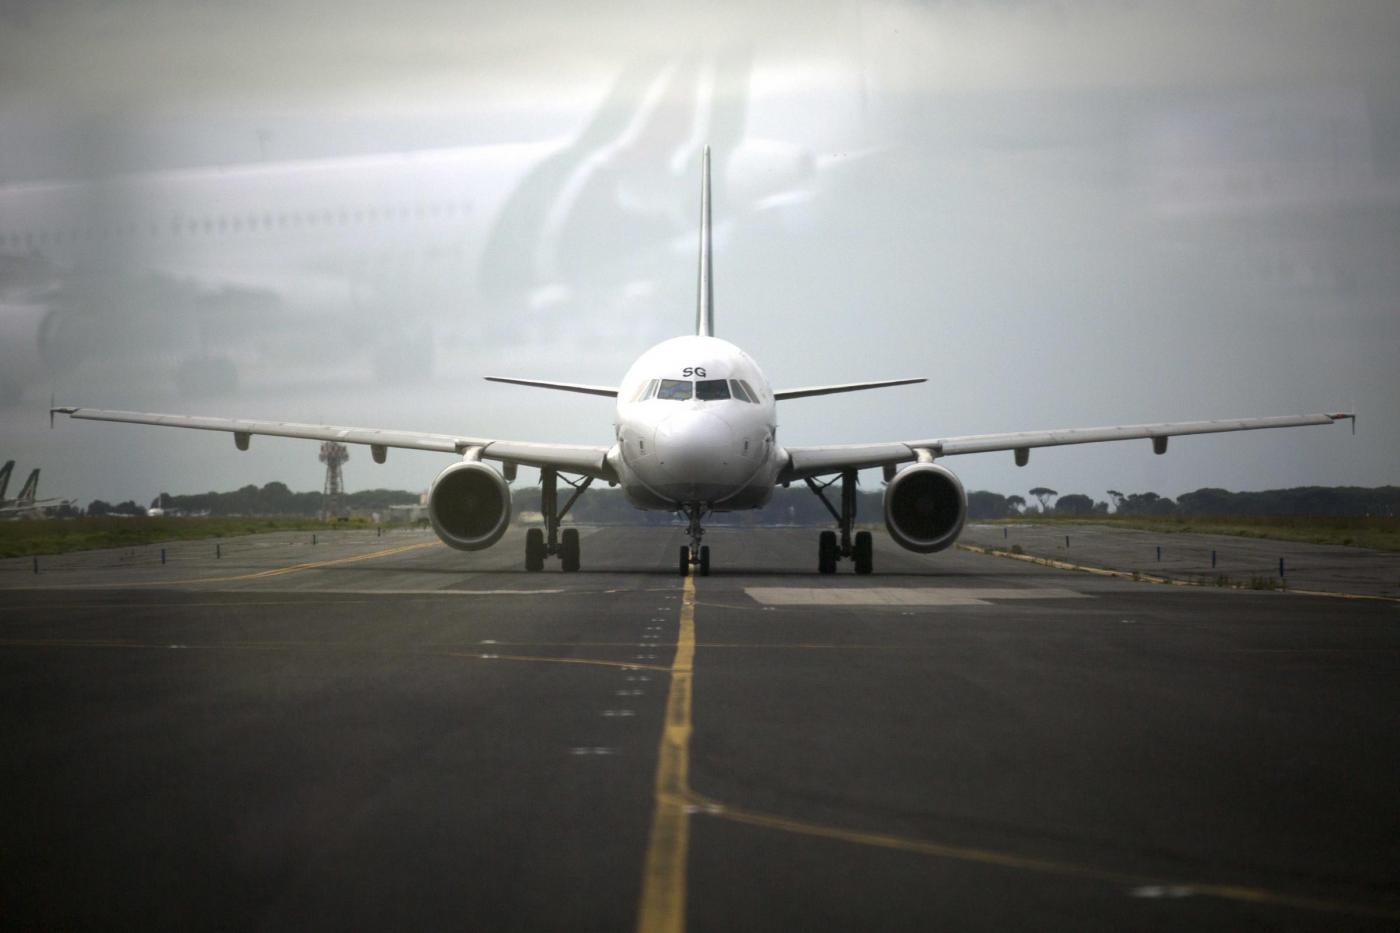 aeroporto fiumicino attentato 1985